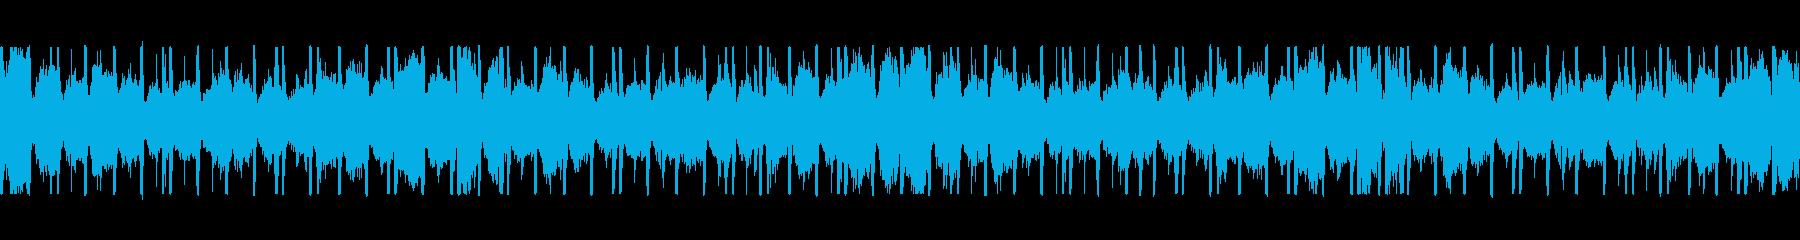 おしゃれ Lo-Fi R&B ループの再生済みの波形